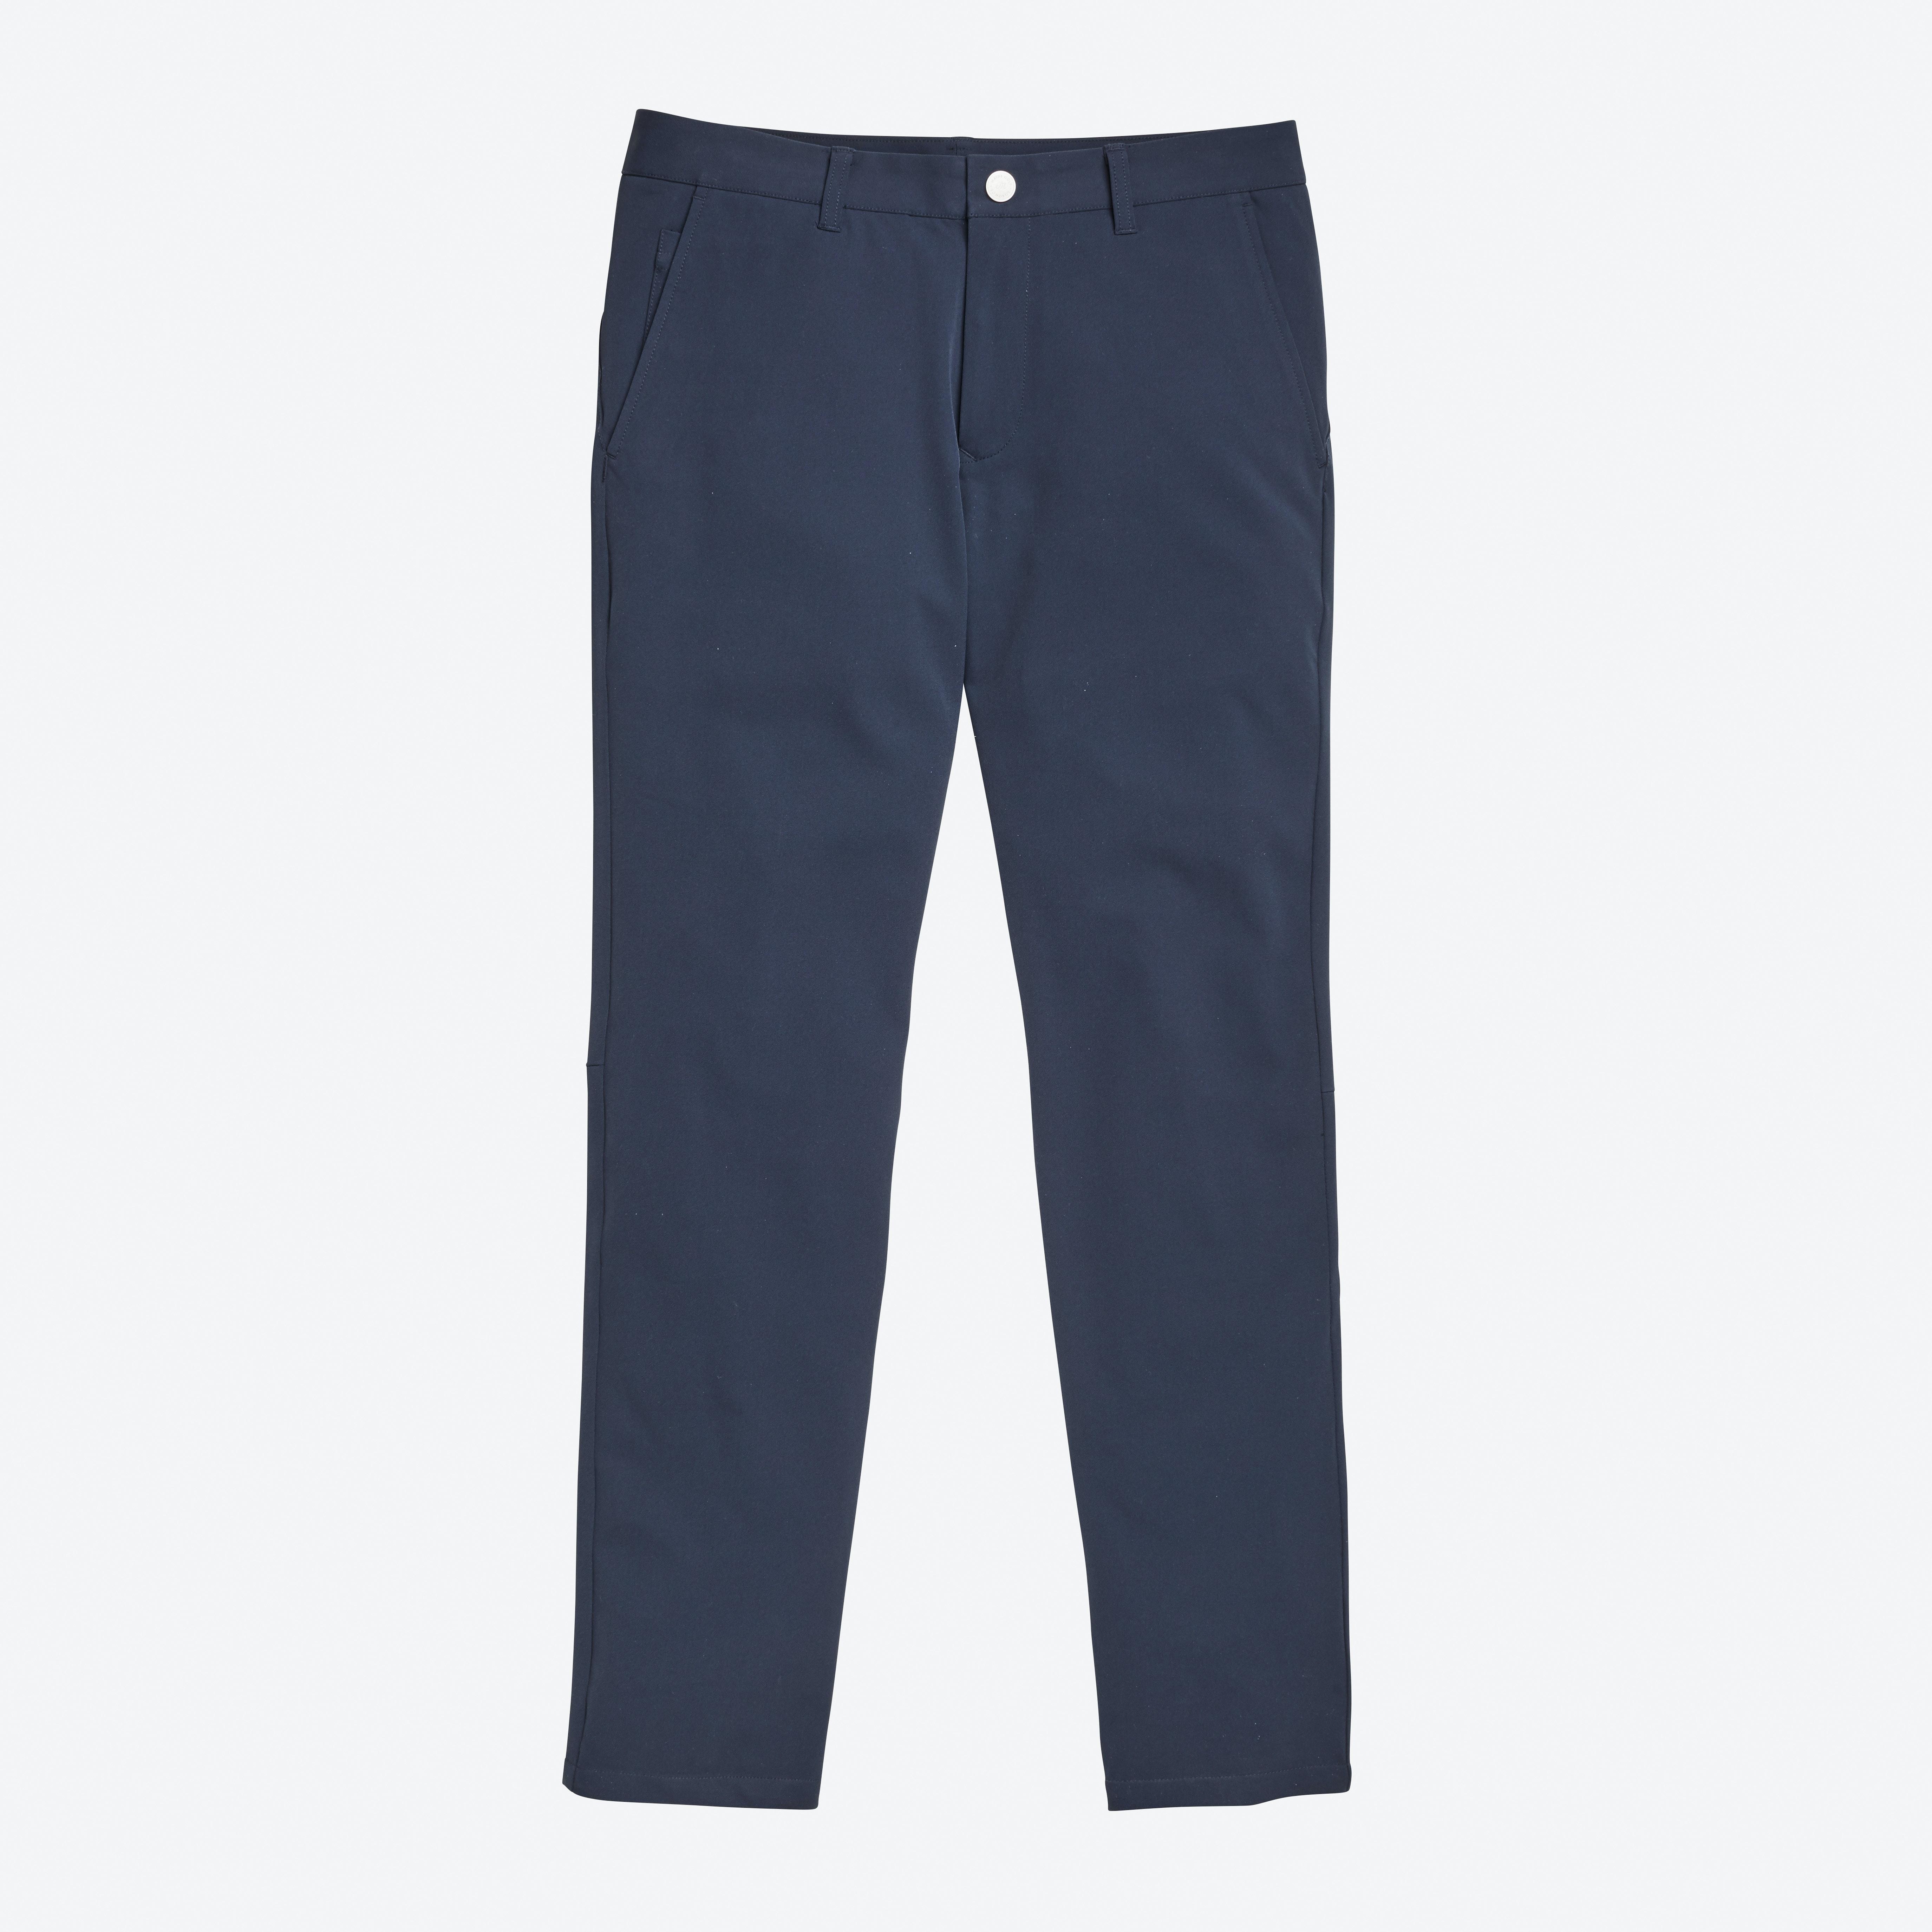 Highland Tour Golf Pants